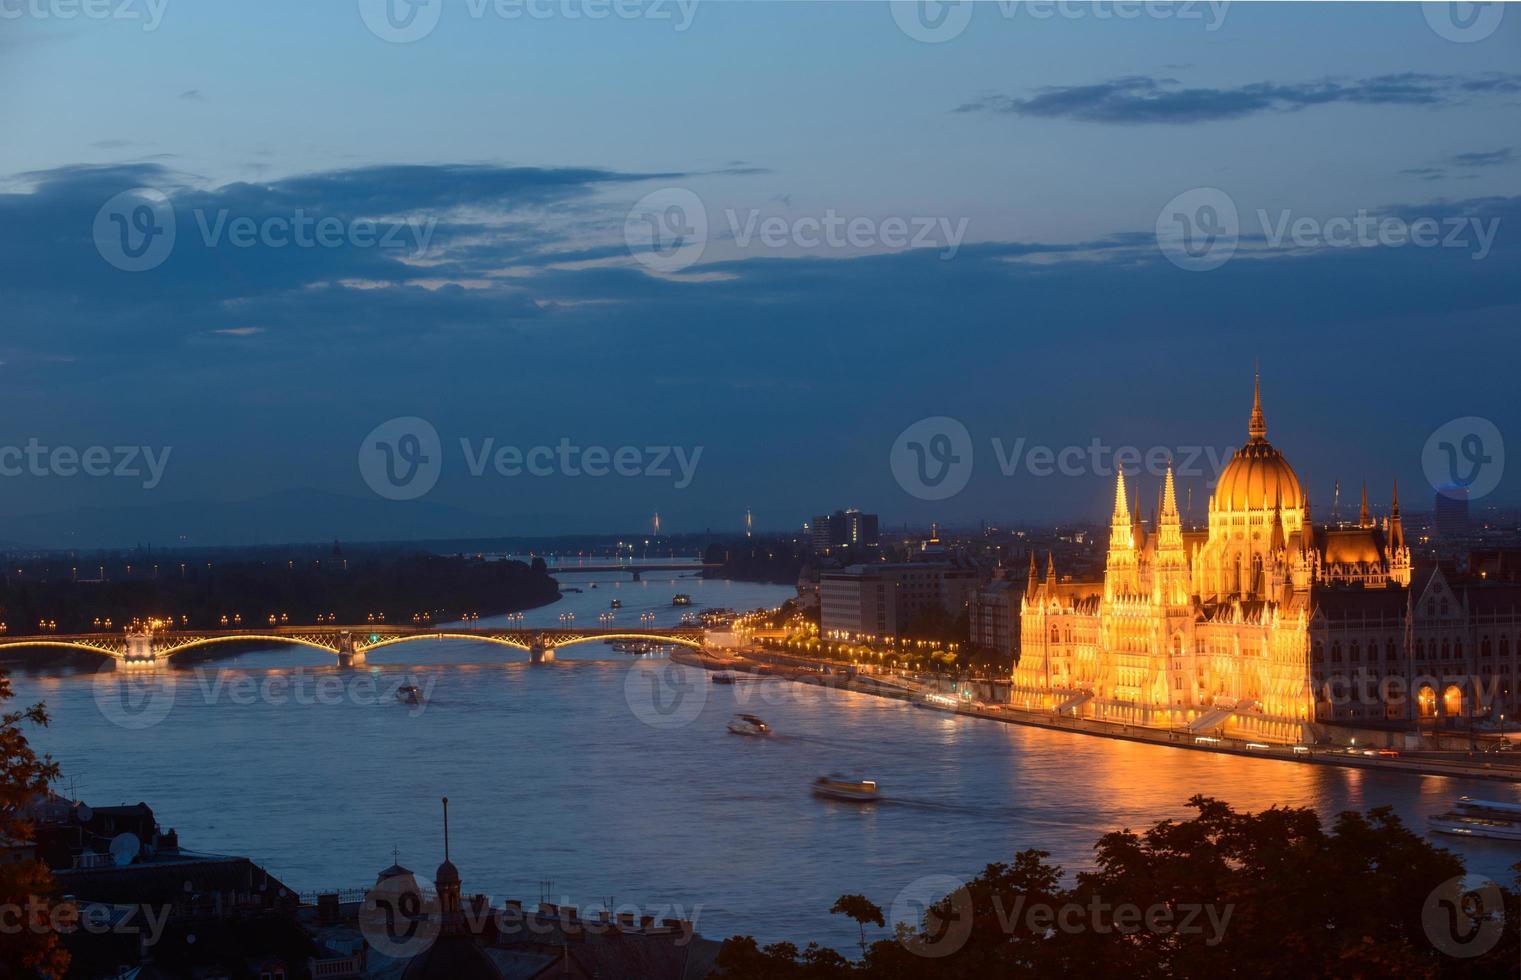 budapest - nacht uitzicht foto